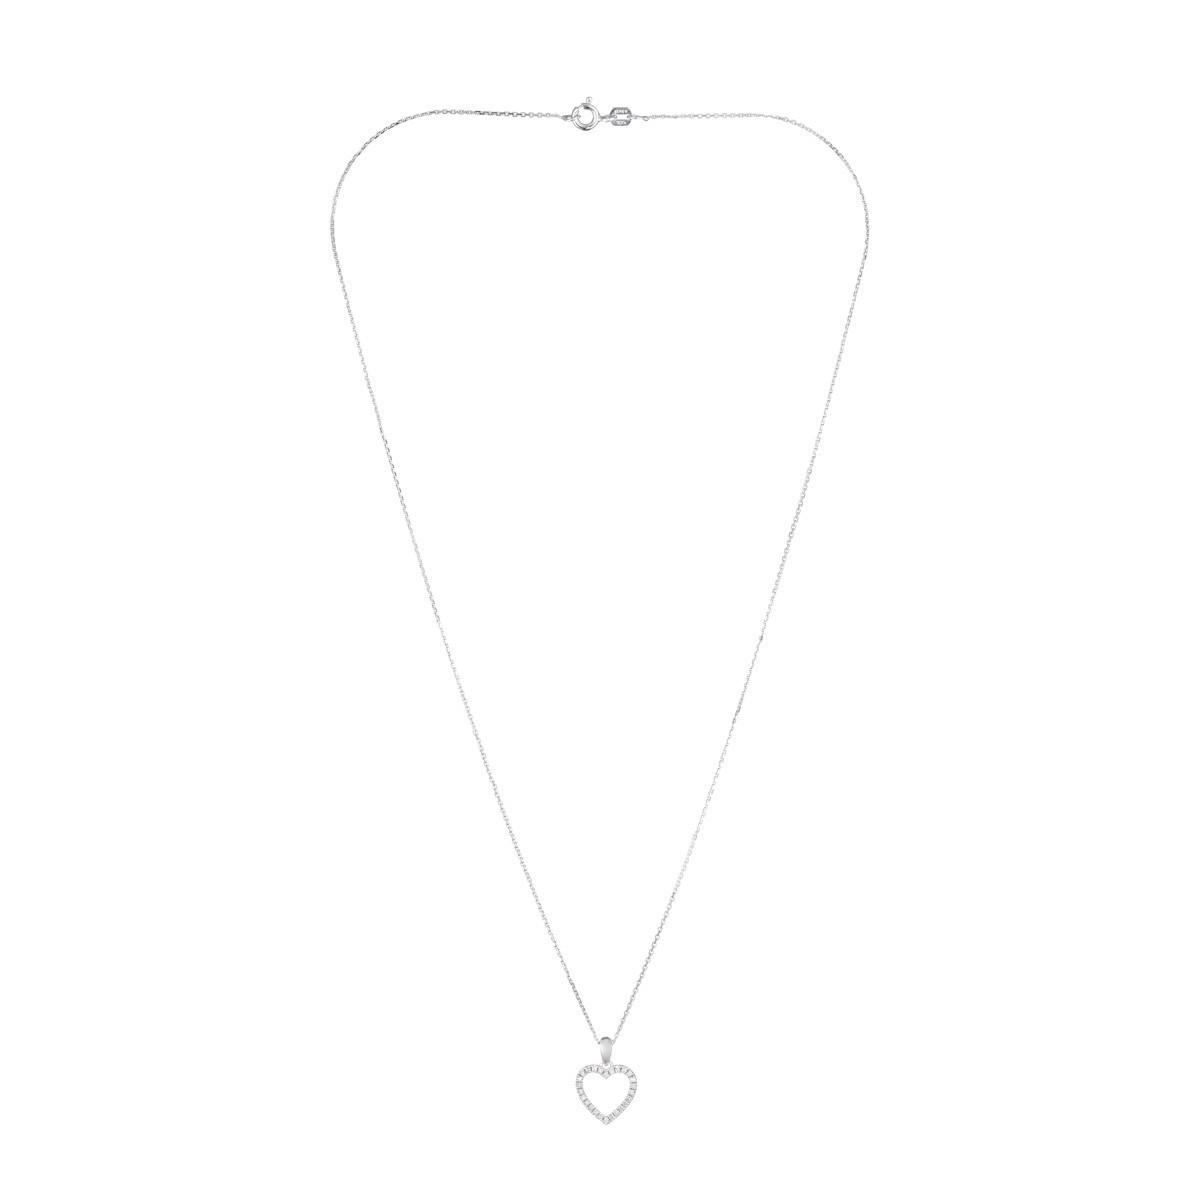 """Pendentif Or Blanc et Diamants 0,13 carat """"ÉLUE DE TON COEUR"""" + chaîne argent offerte"""